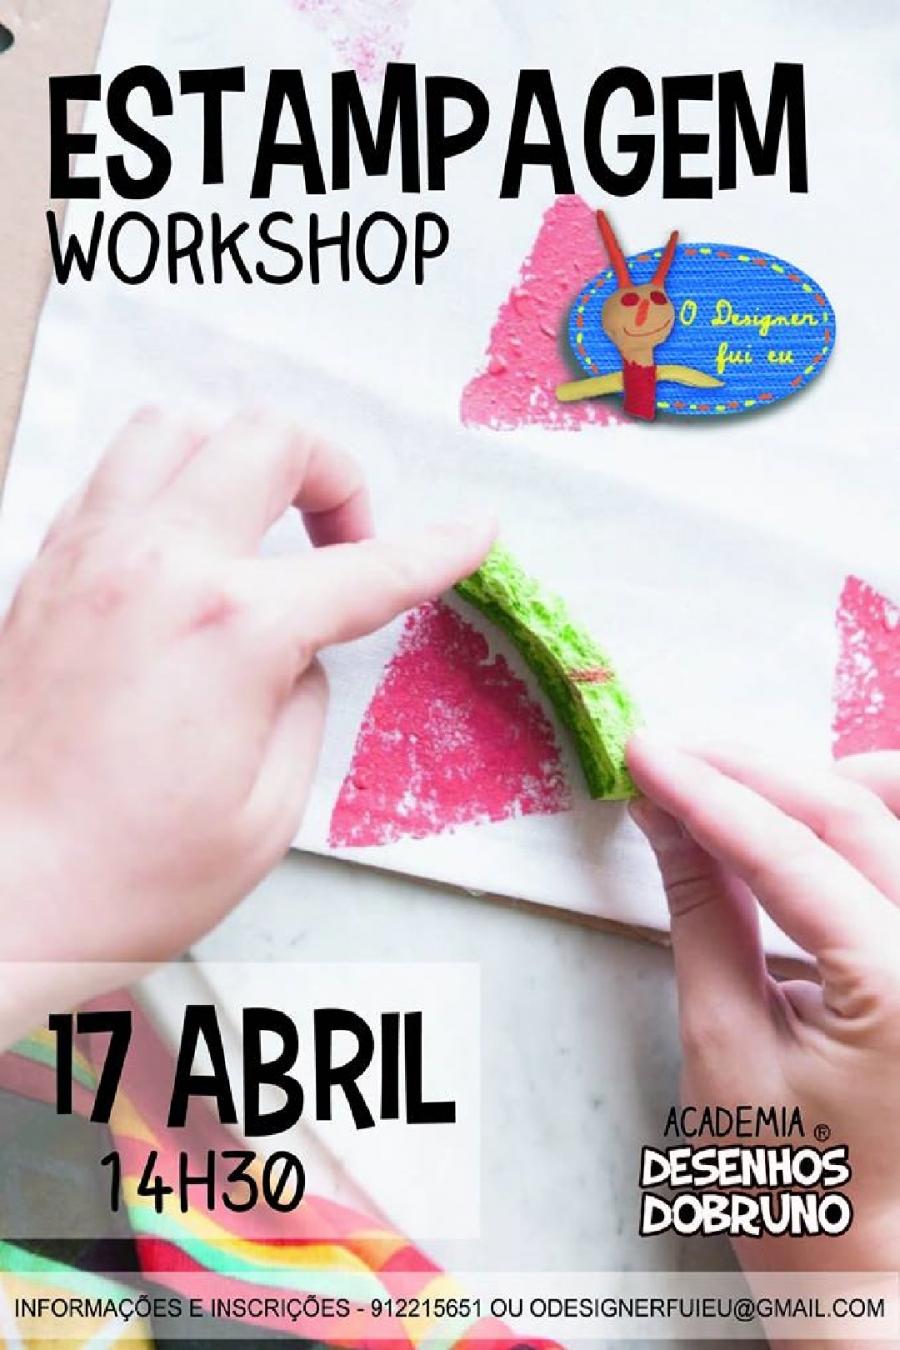 Workshop 'Estampagem'